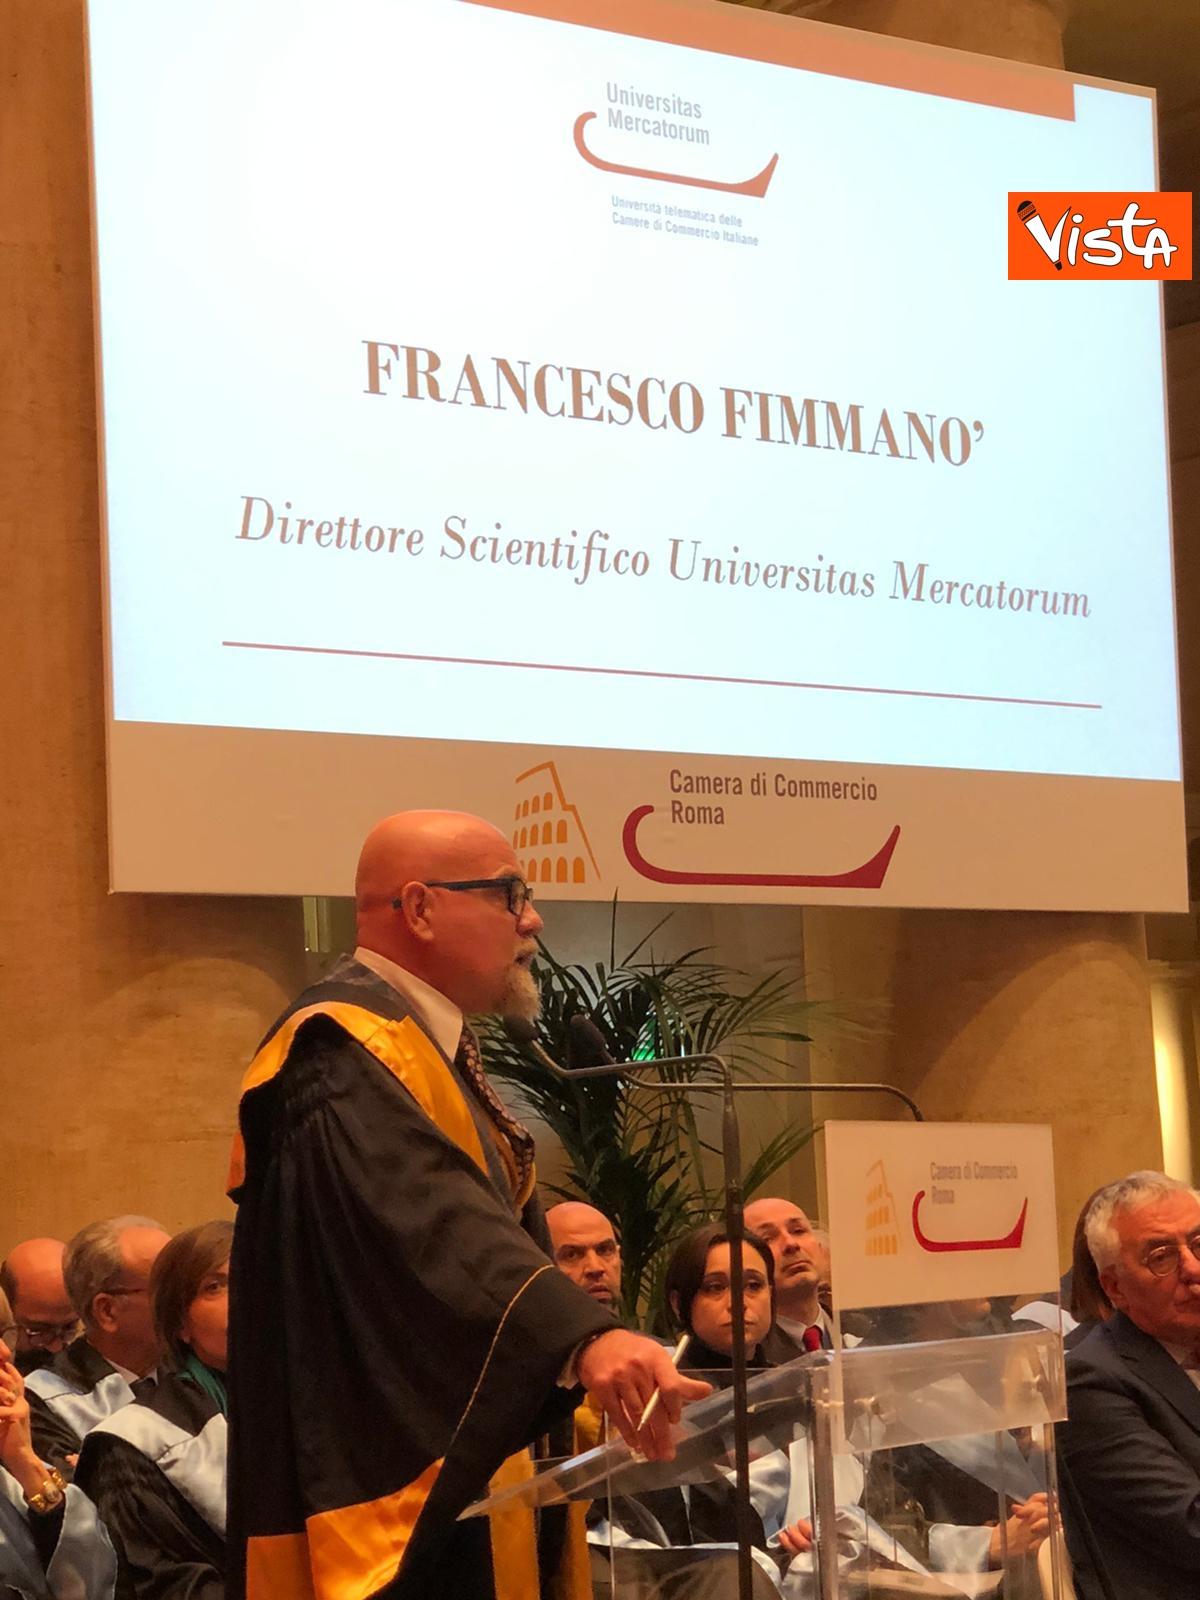 21-01-20 L'Universitas Mercatorum inaugura l'anno accademico 2019 2020, lo speciale_02